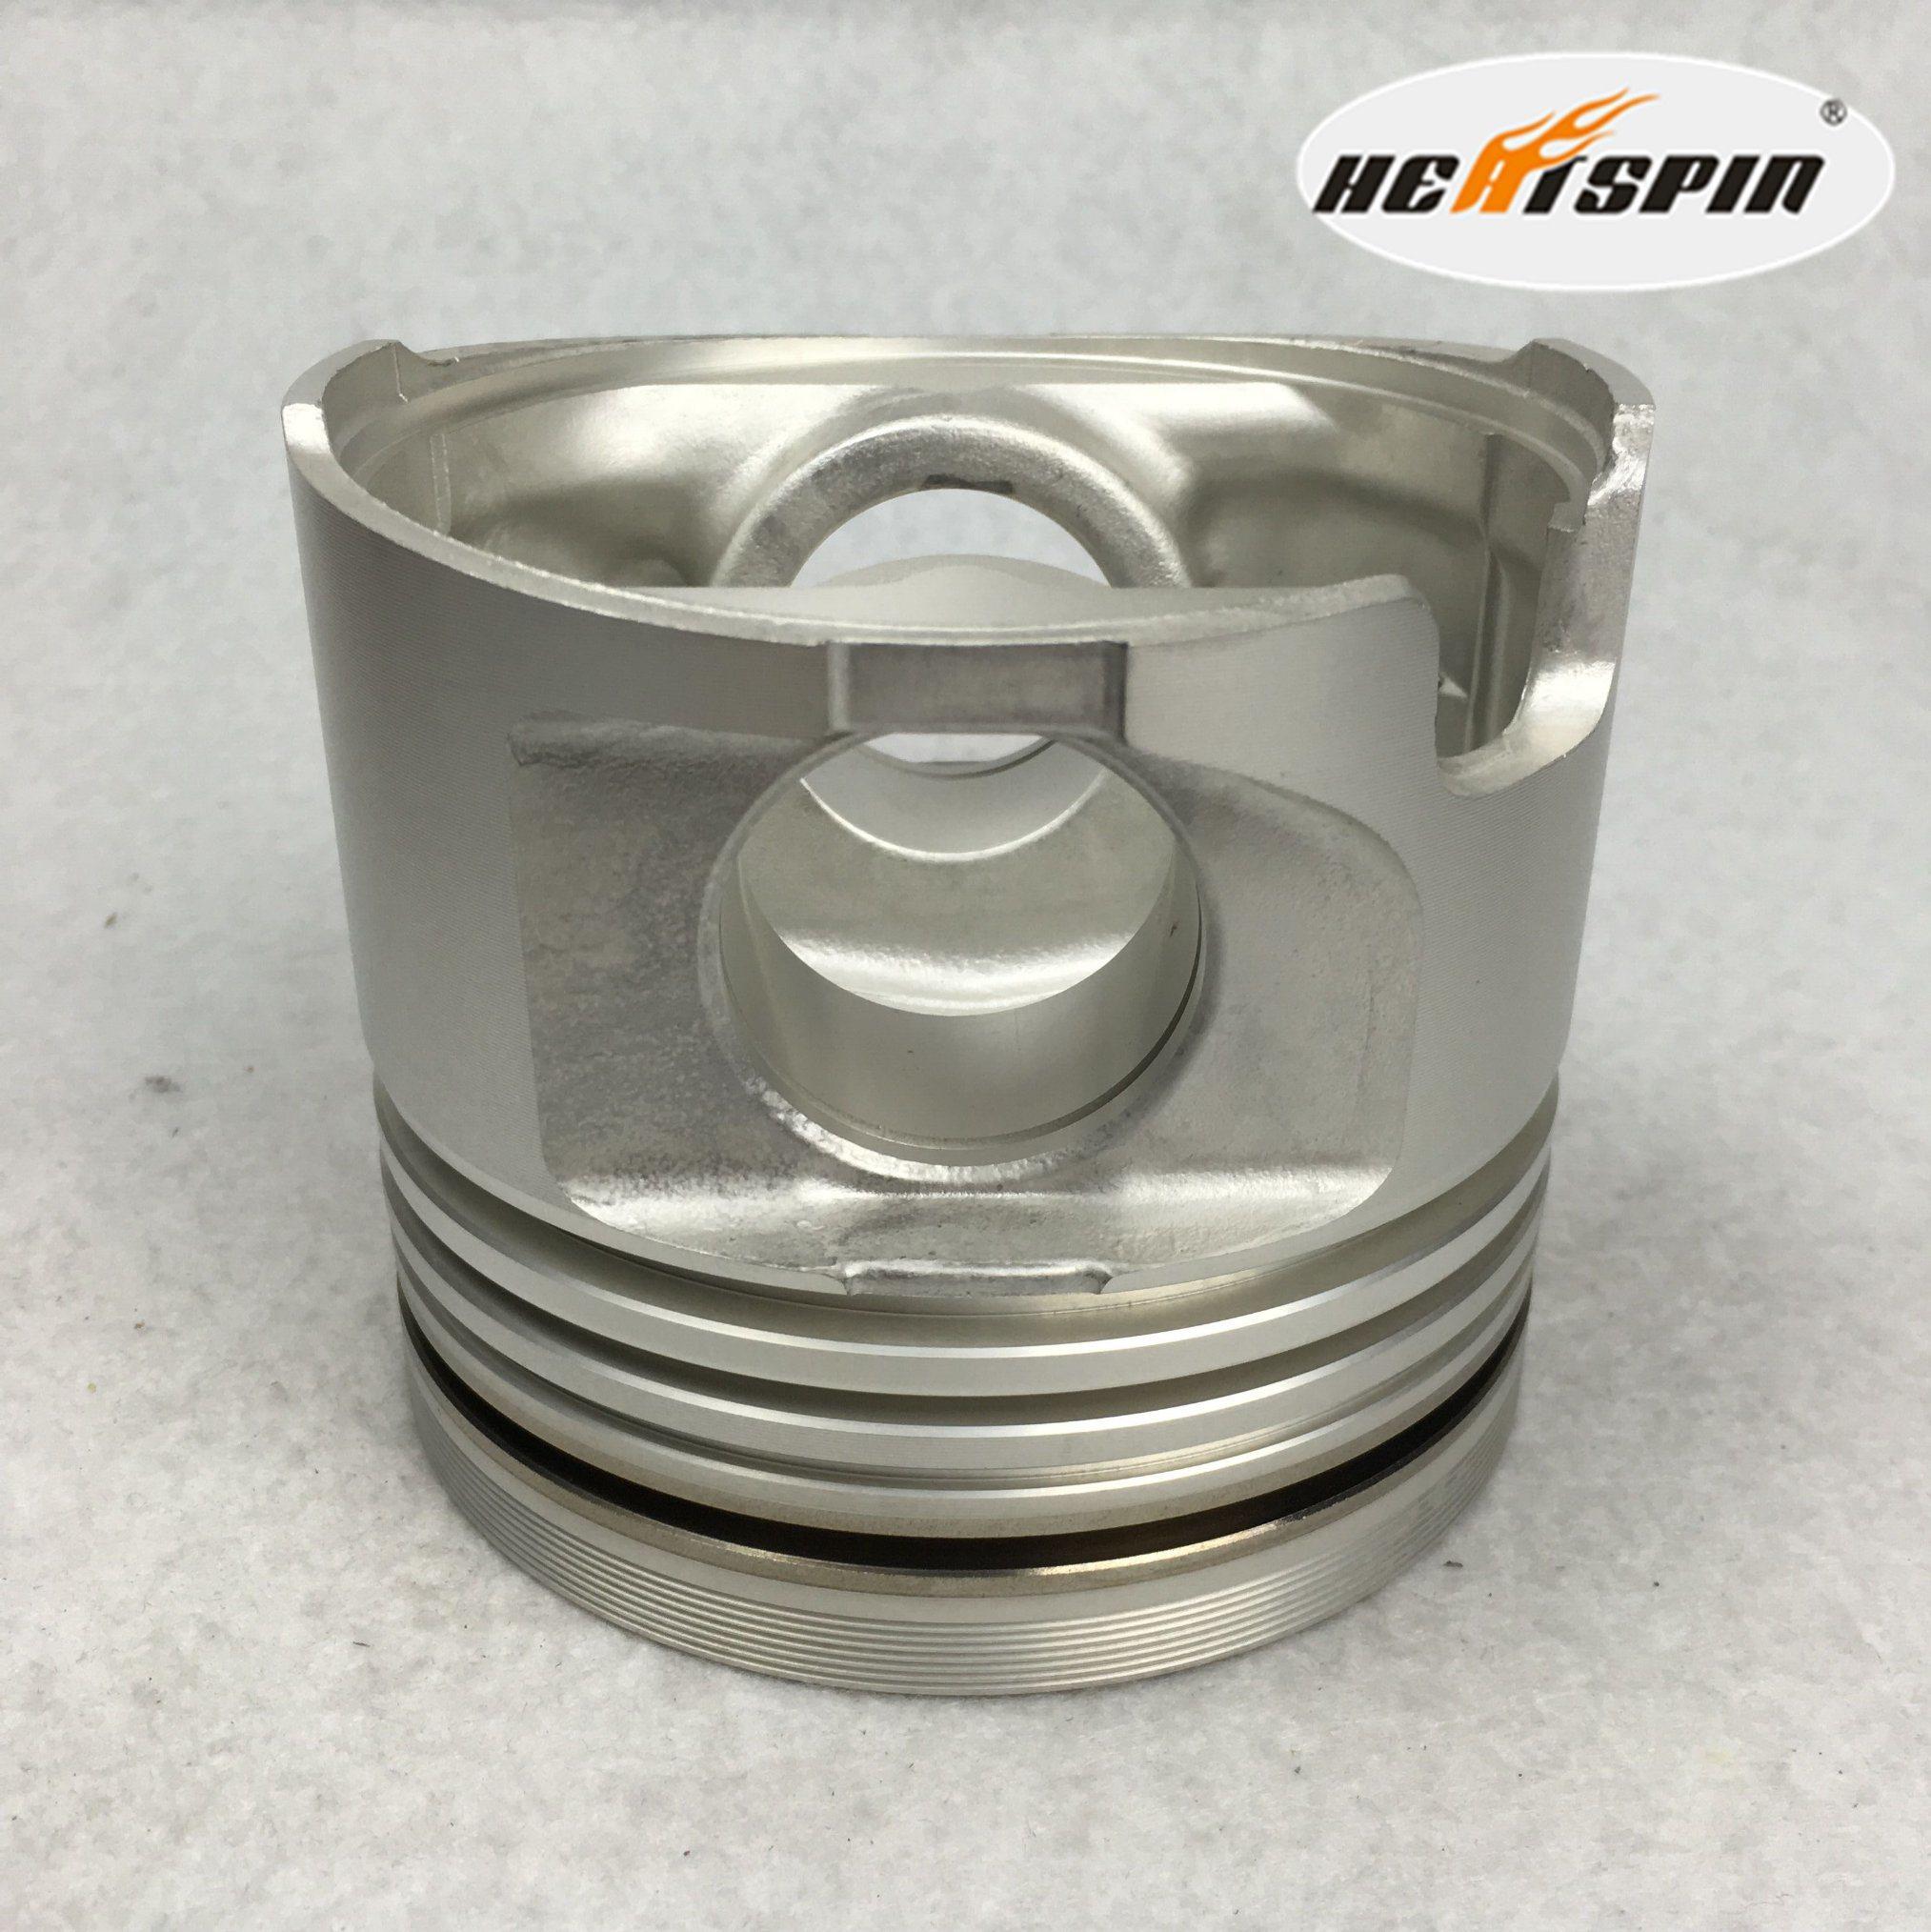 Isuzu 4hf1 Alfin Piston 8-97095-5851/8-97176-6550 with One Year Warranty